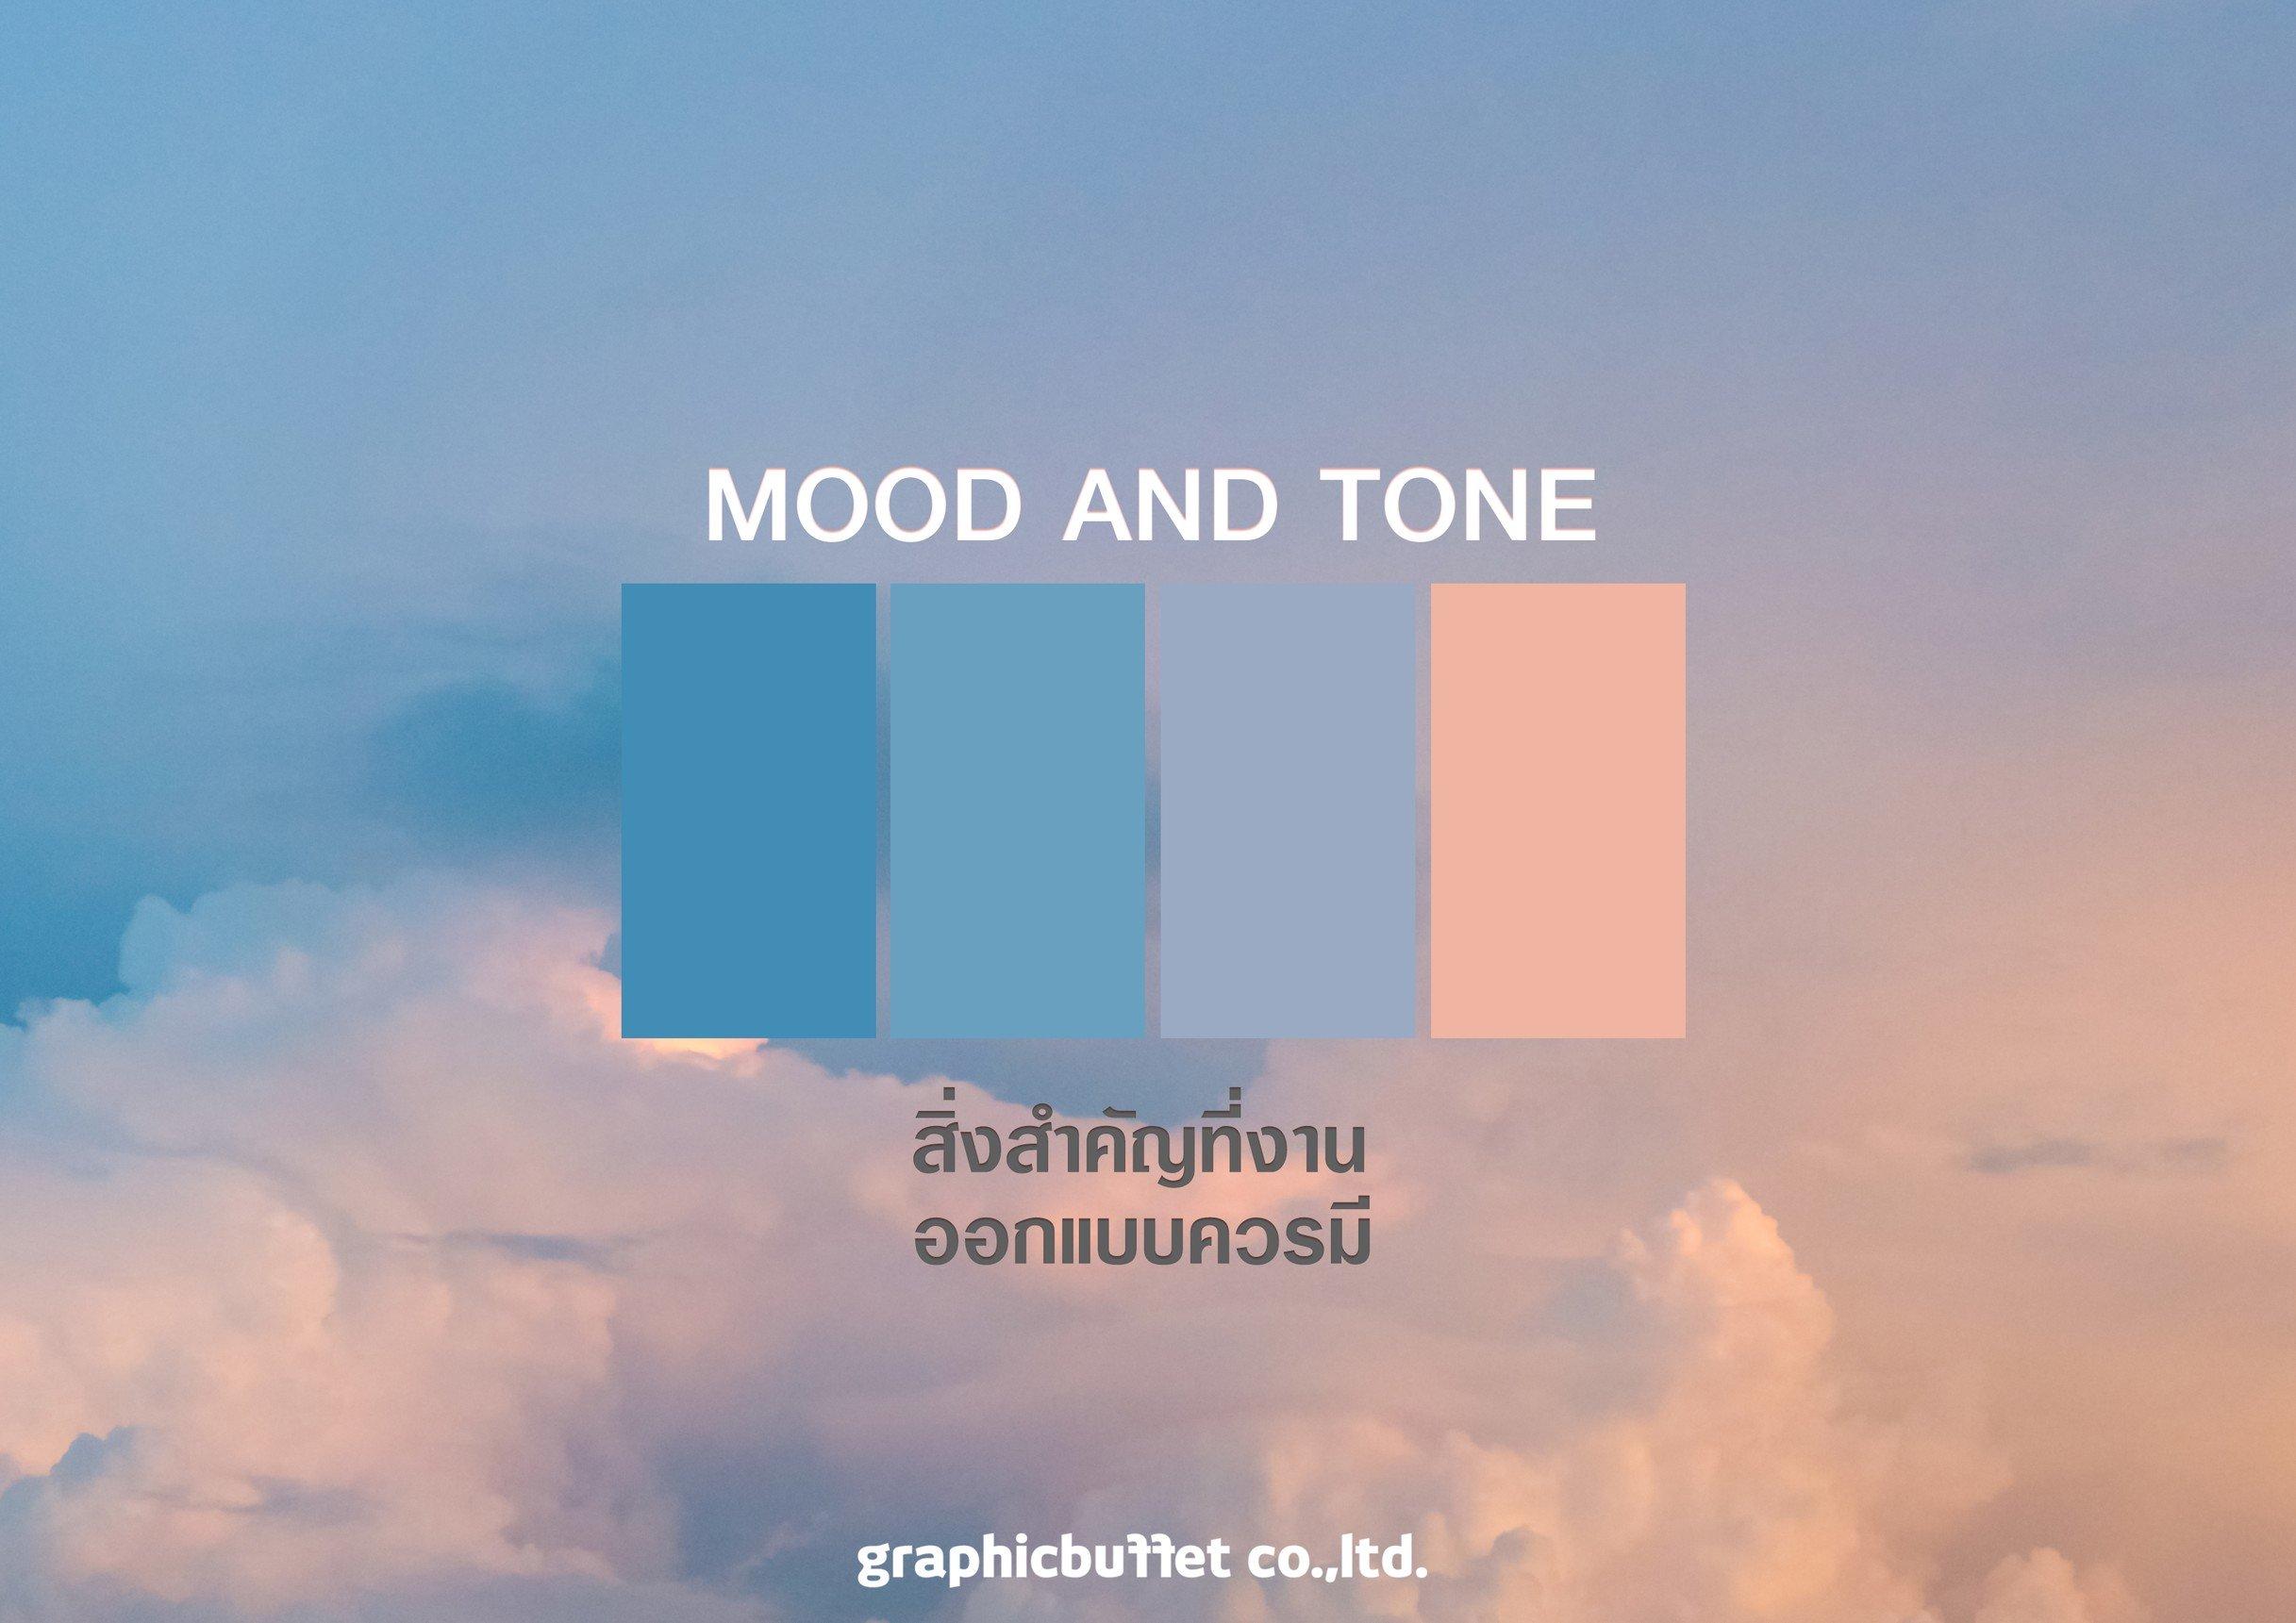 อารมณ์และสีของภาพ